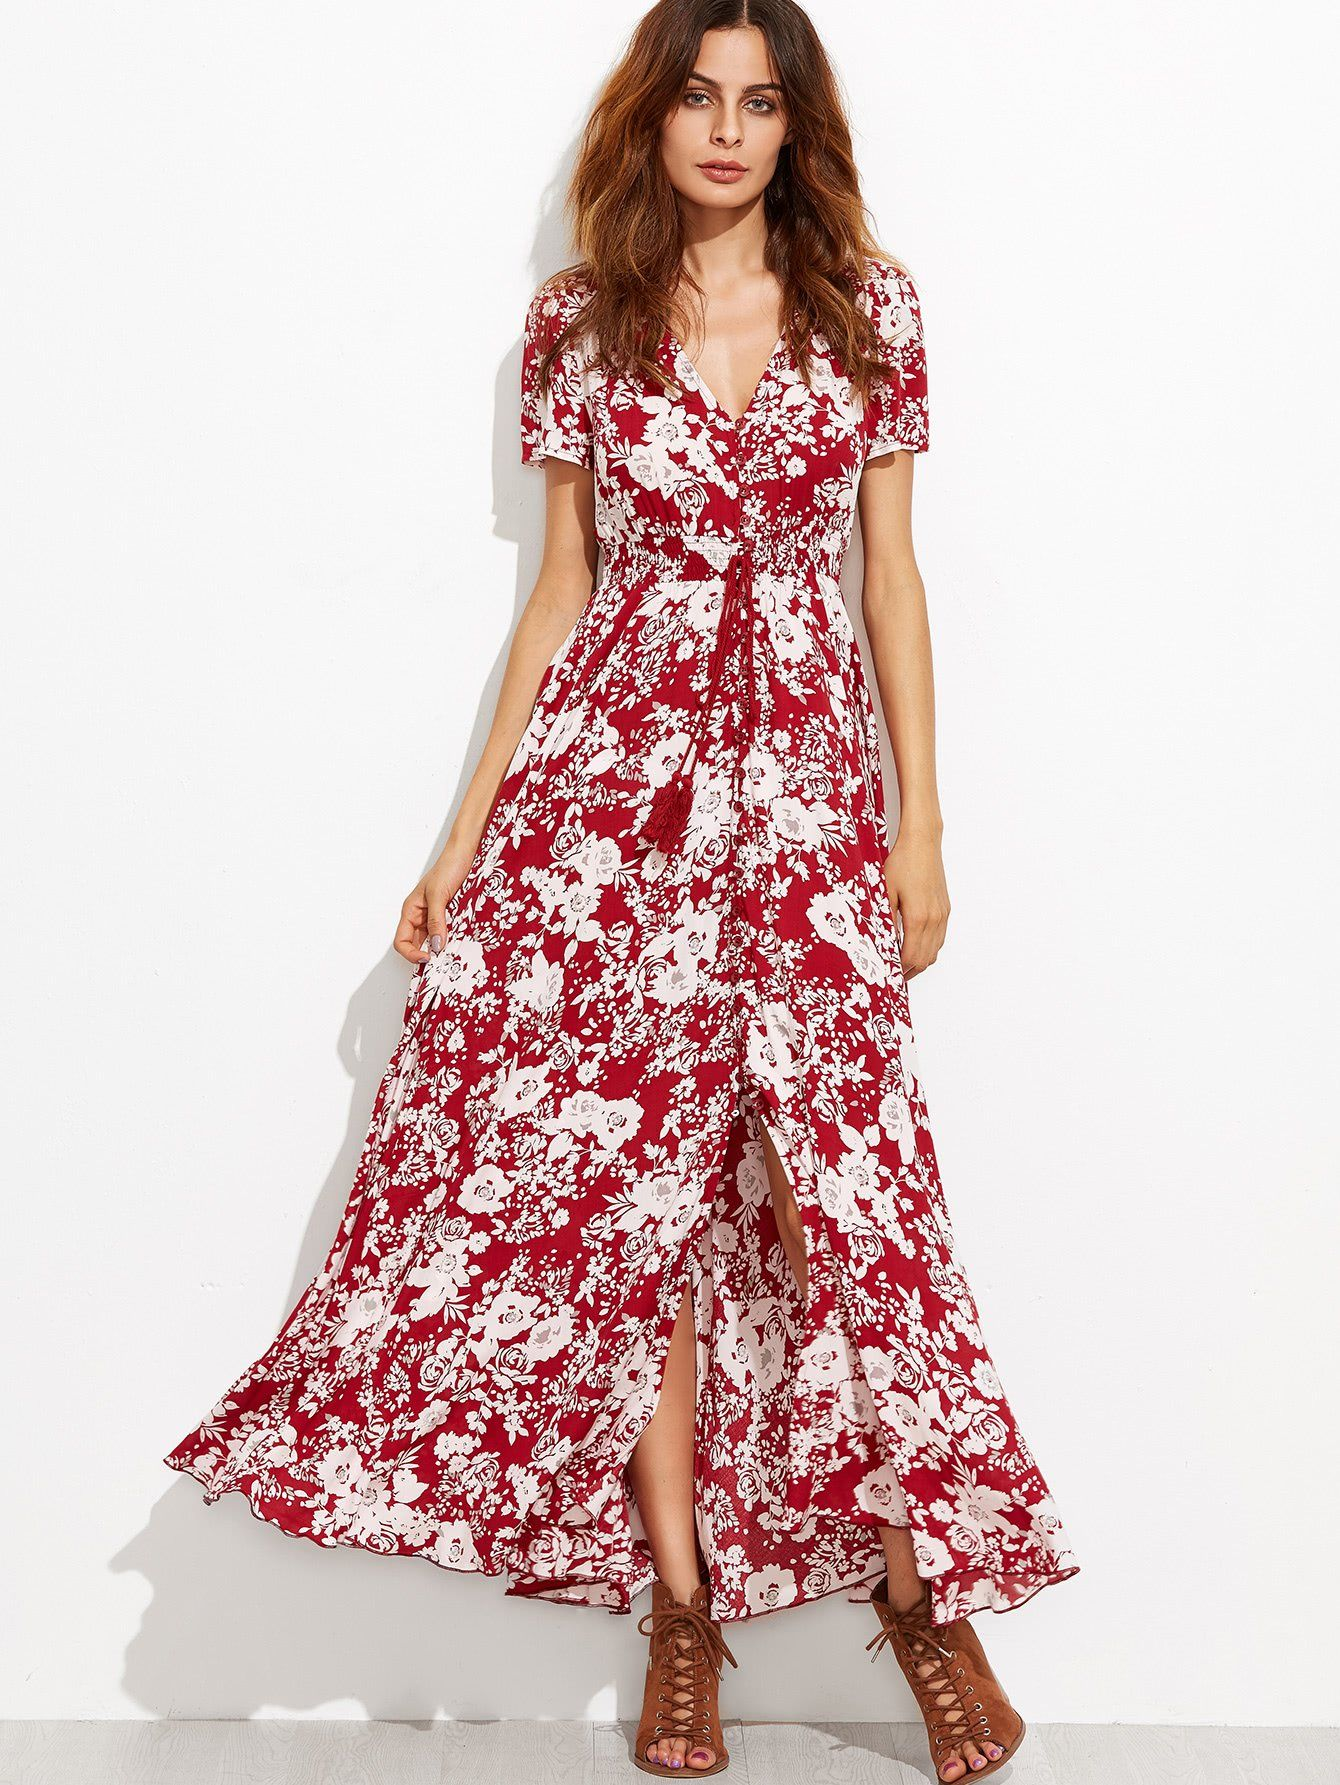 V-neckline Calico Print Tassel Tie Dress